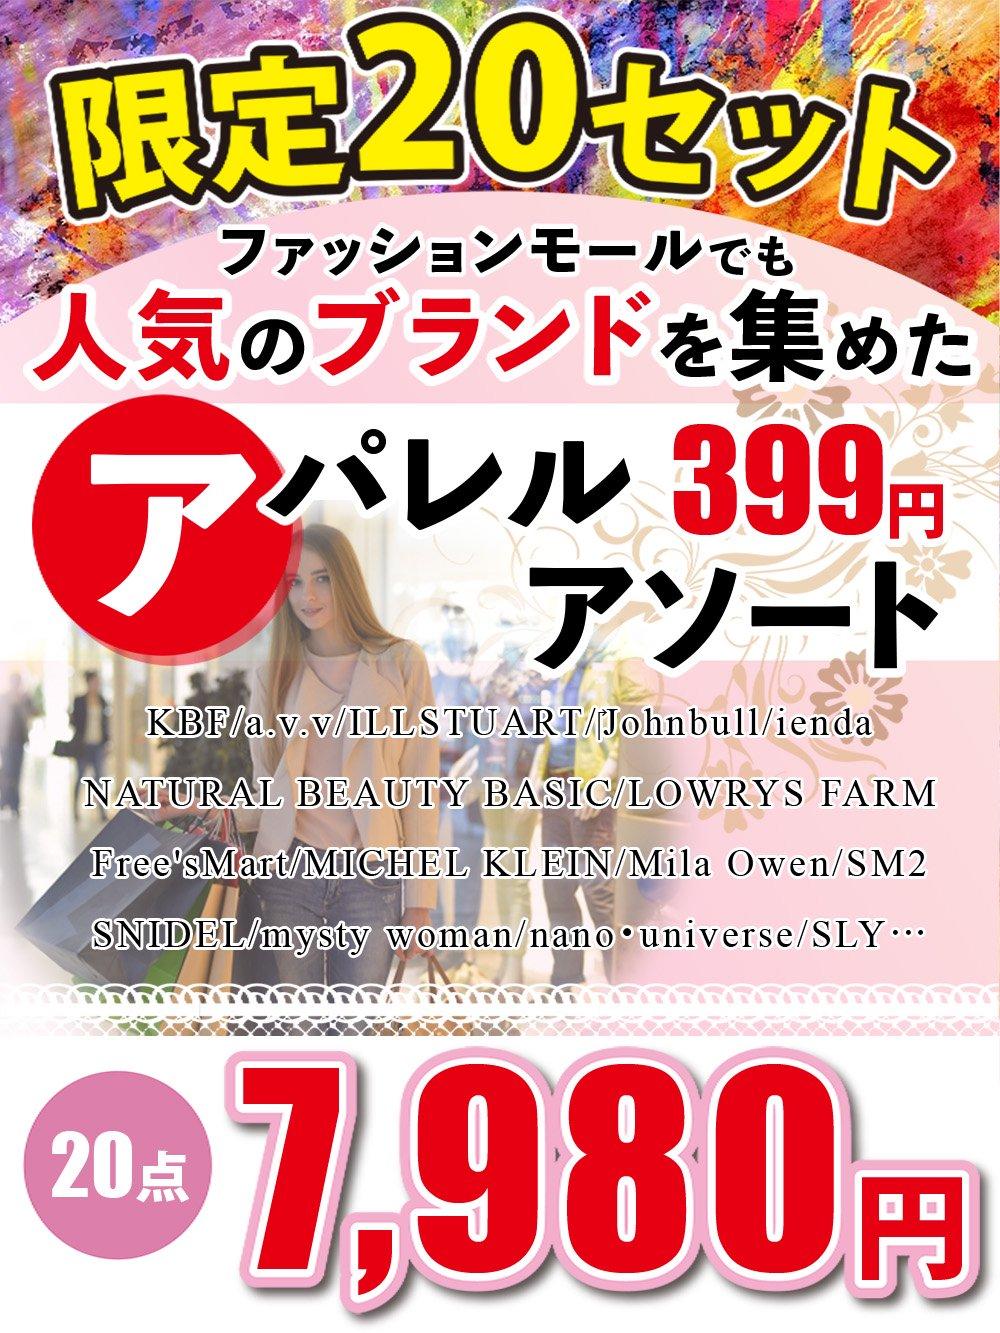 【限定20セット】ファッションモールでも人気のブランドを集めたアパレルアソート【20点】@399